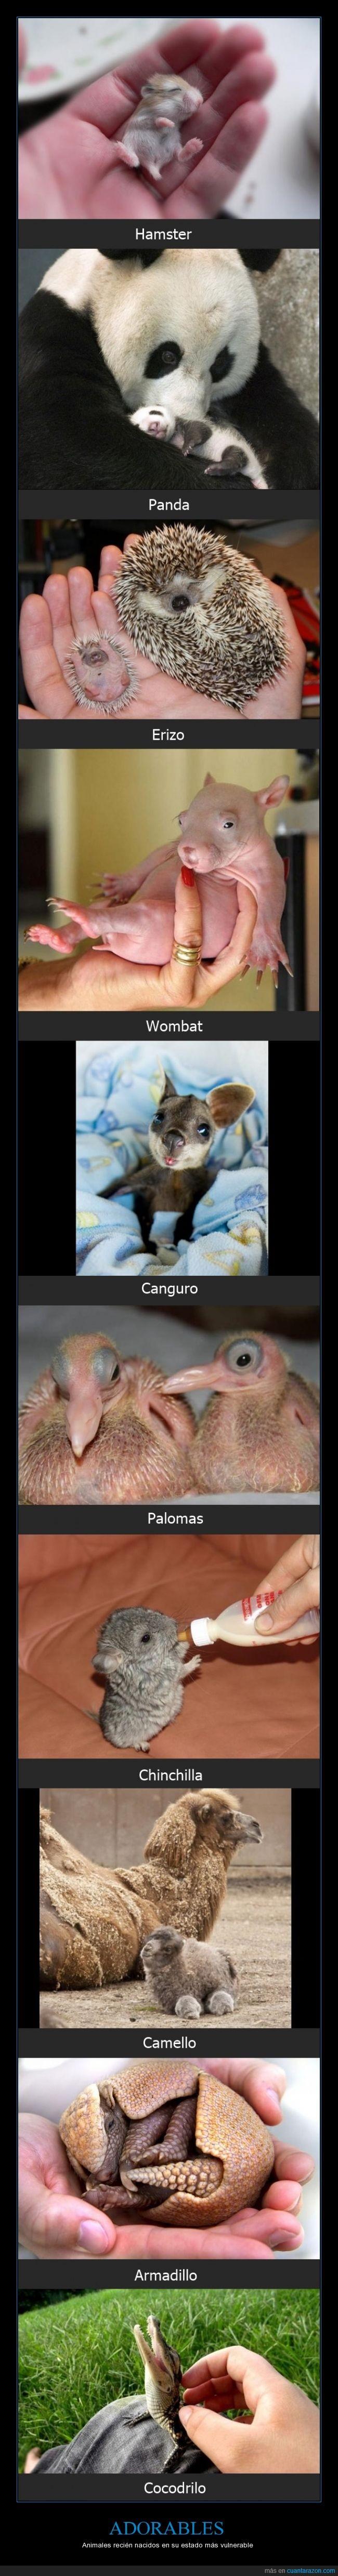 adorables,animales,Armadillo,Camello,Canguro,Chinchilla,Cocodrilo,enternecedor,Erizo,exóticos,Hamster,Palomas,Panda,recién nacidos,vulnerables,Wombat